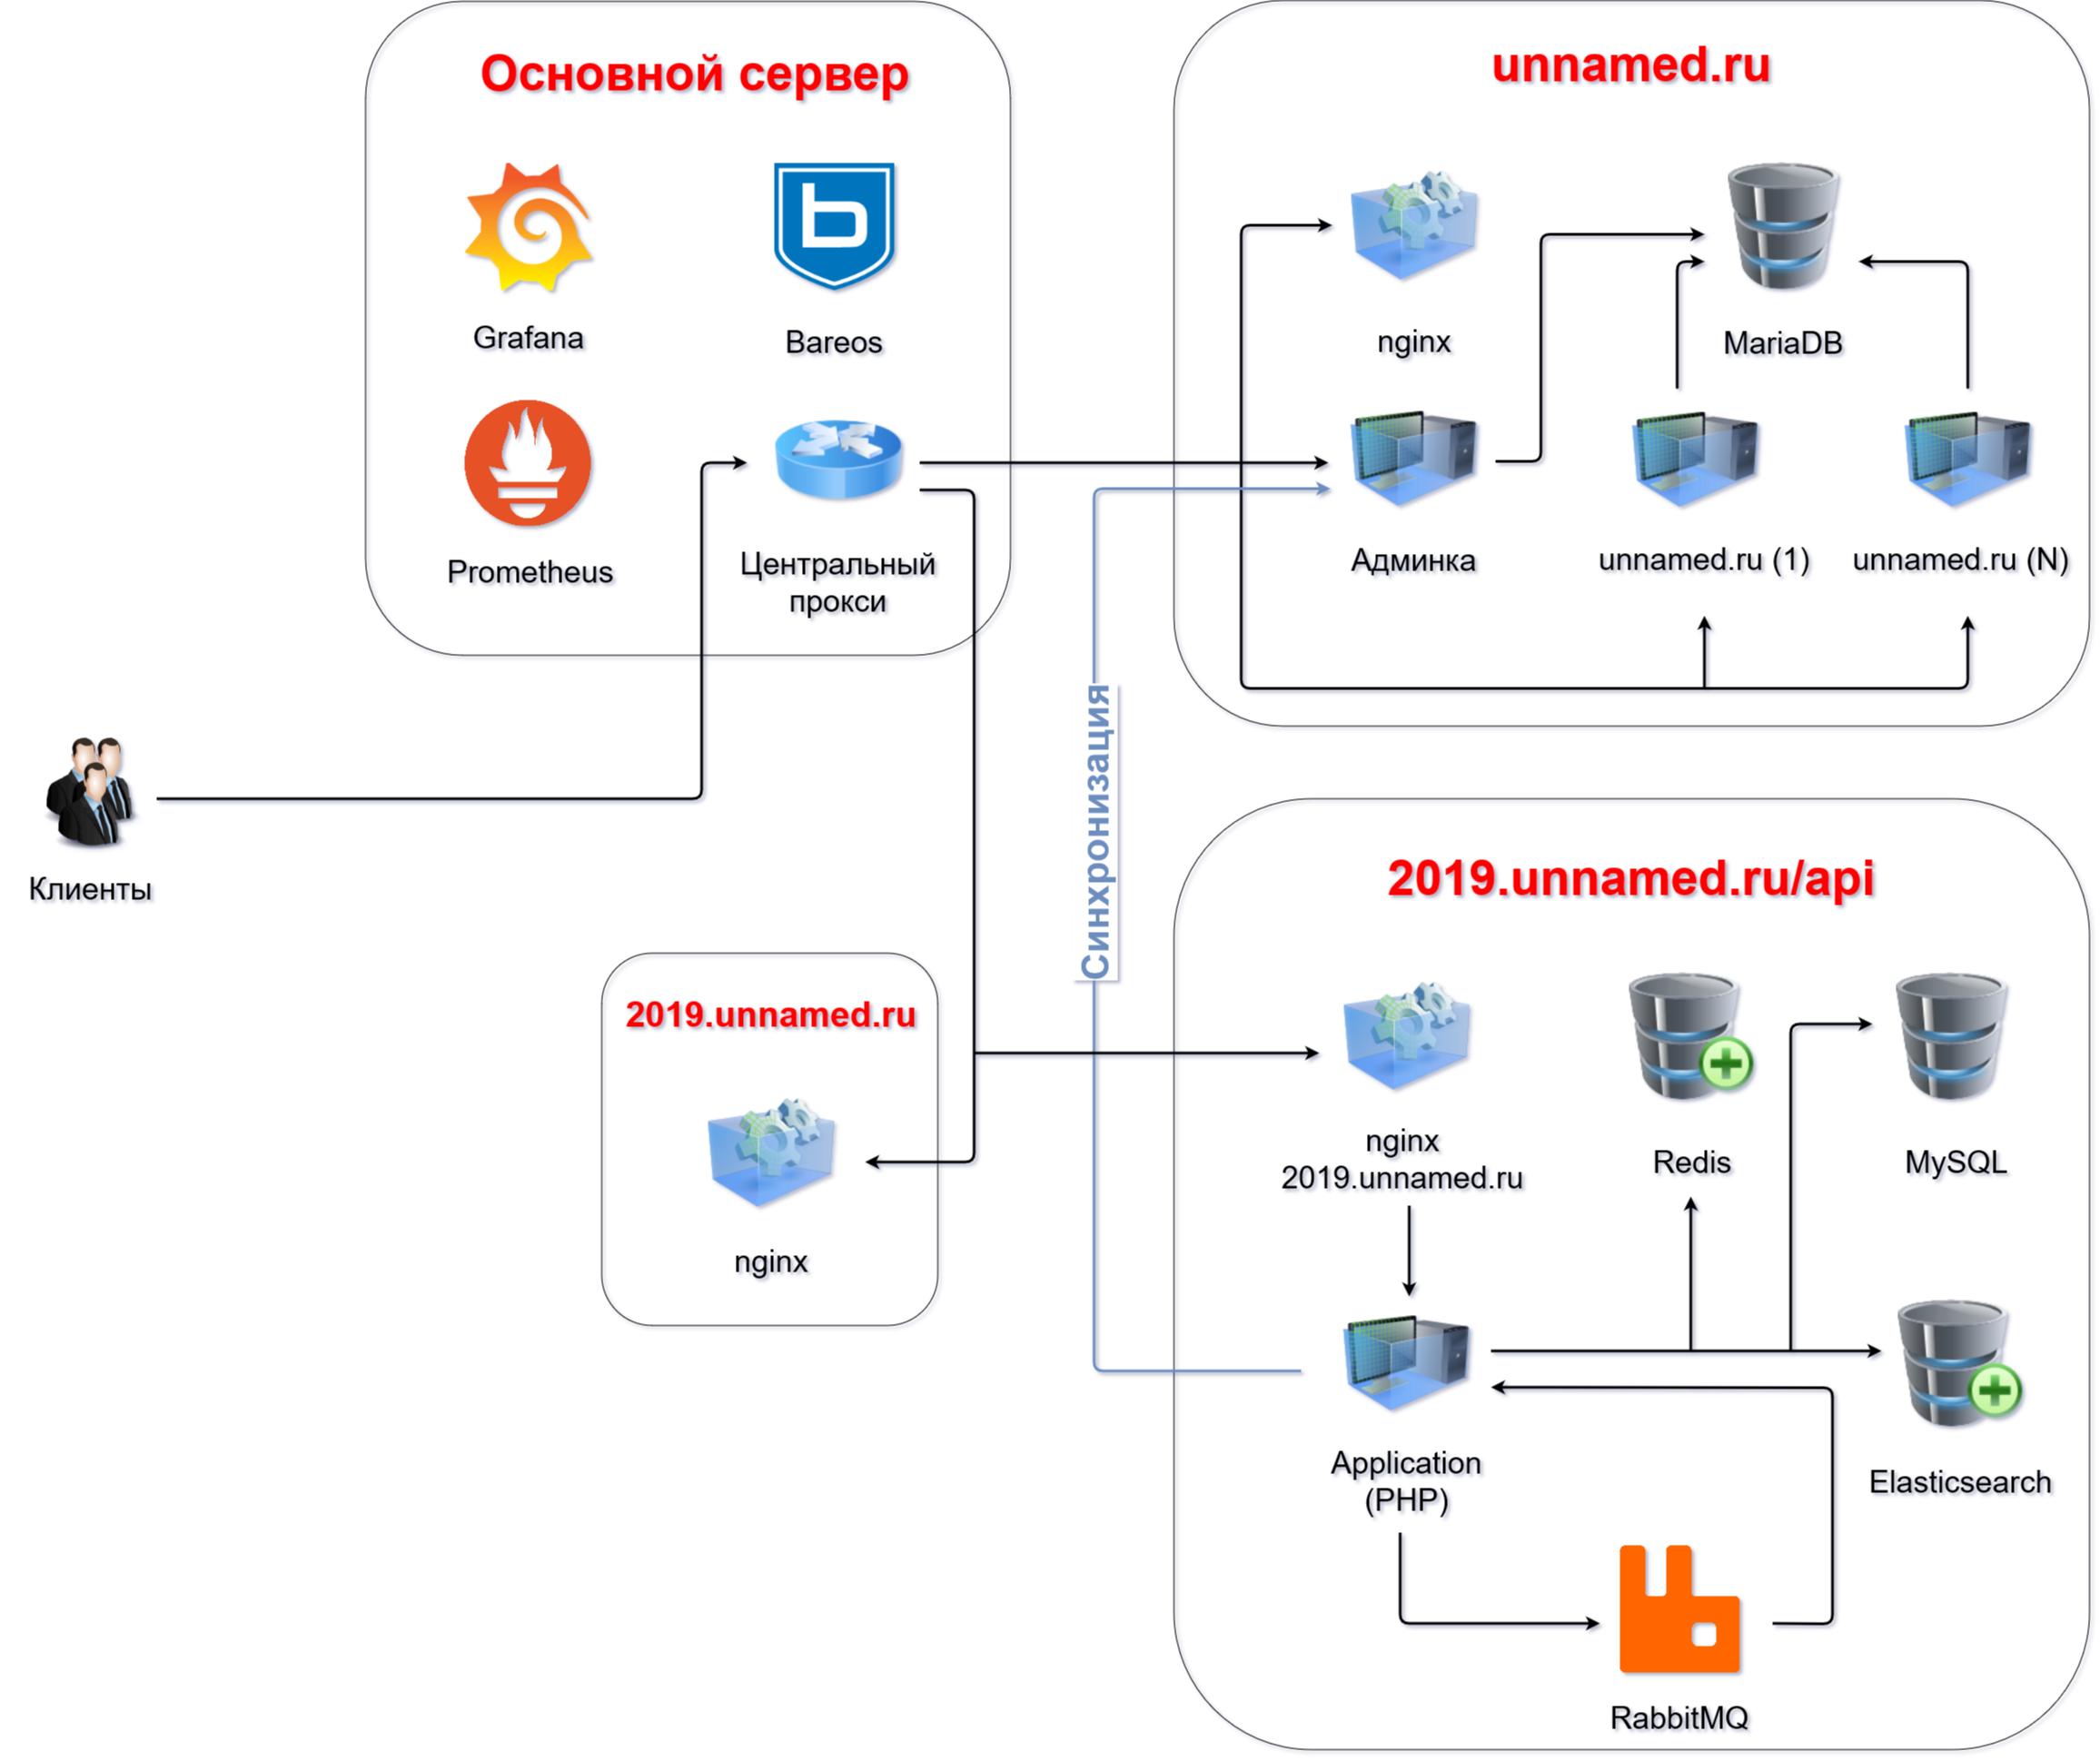 модернизация интернет магазина описание инфраструктуры